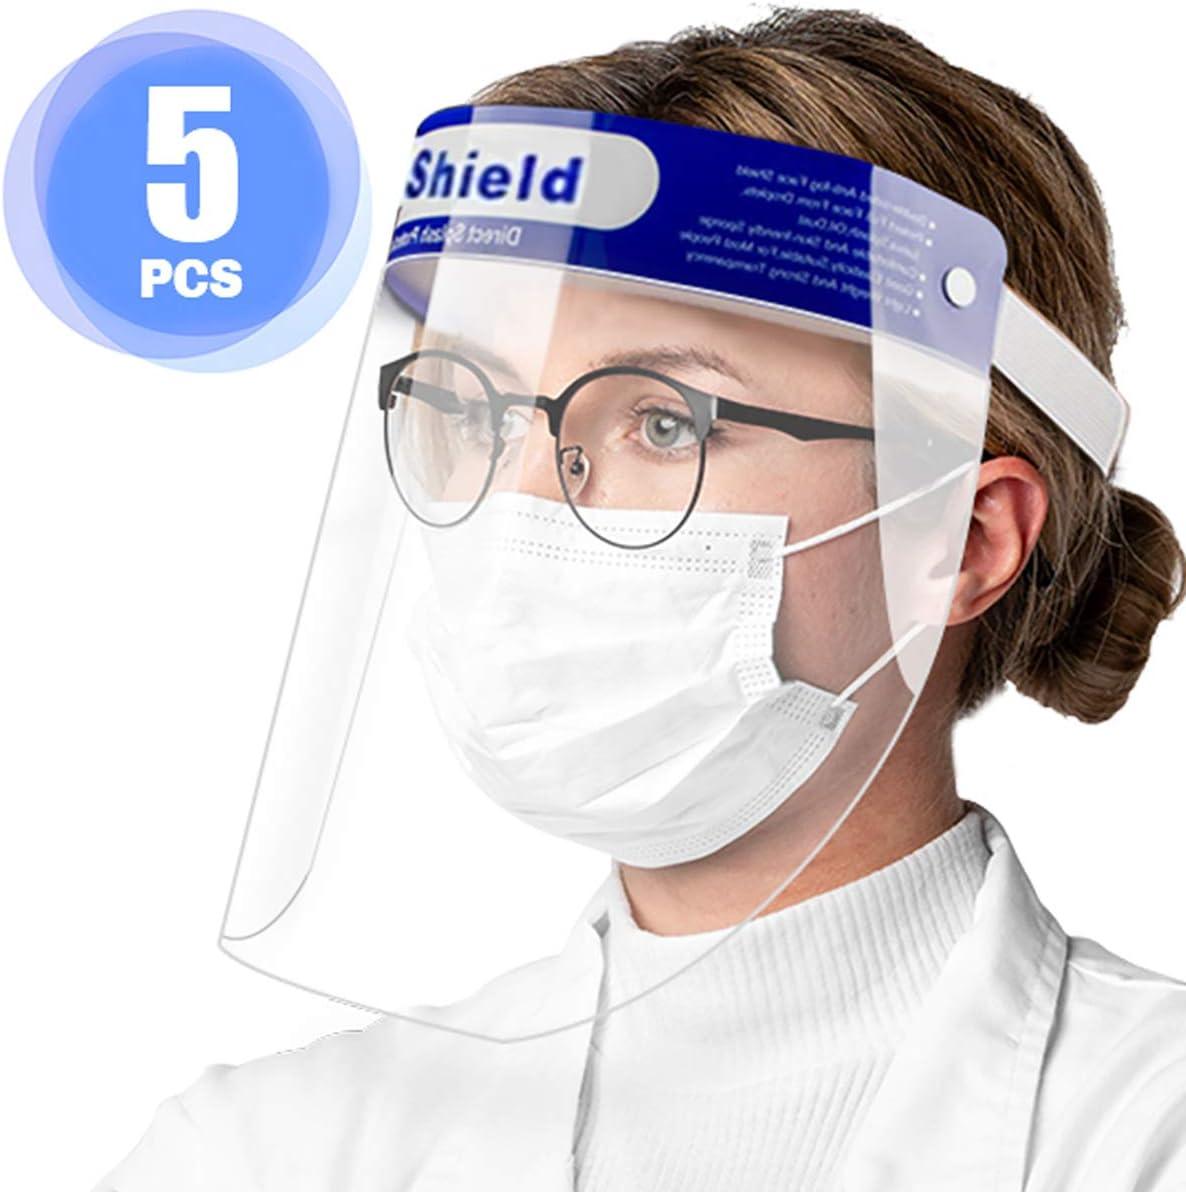 Pantalla Facial Protectora, 5 Viseras Protectoras Transparentes Ajustables de rostro Completo con Protección para ojos y cabeza, Cubierta Facial Antisalpicaduras para mujeres / hombres